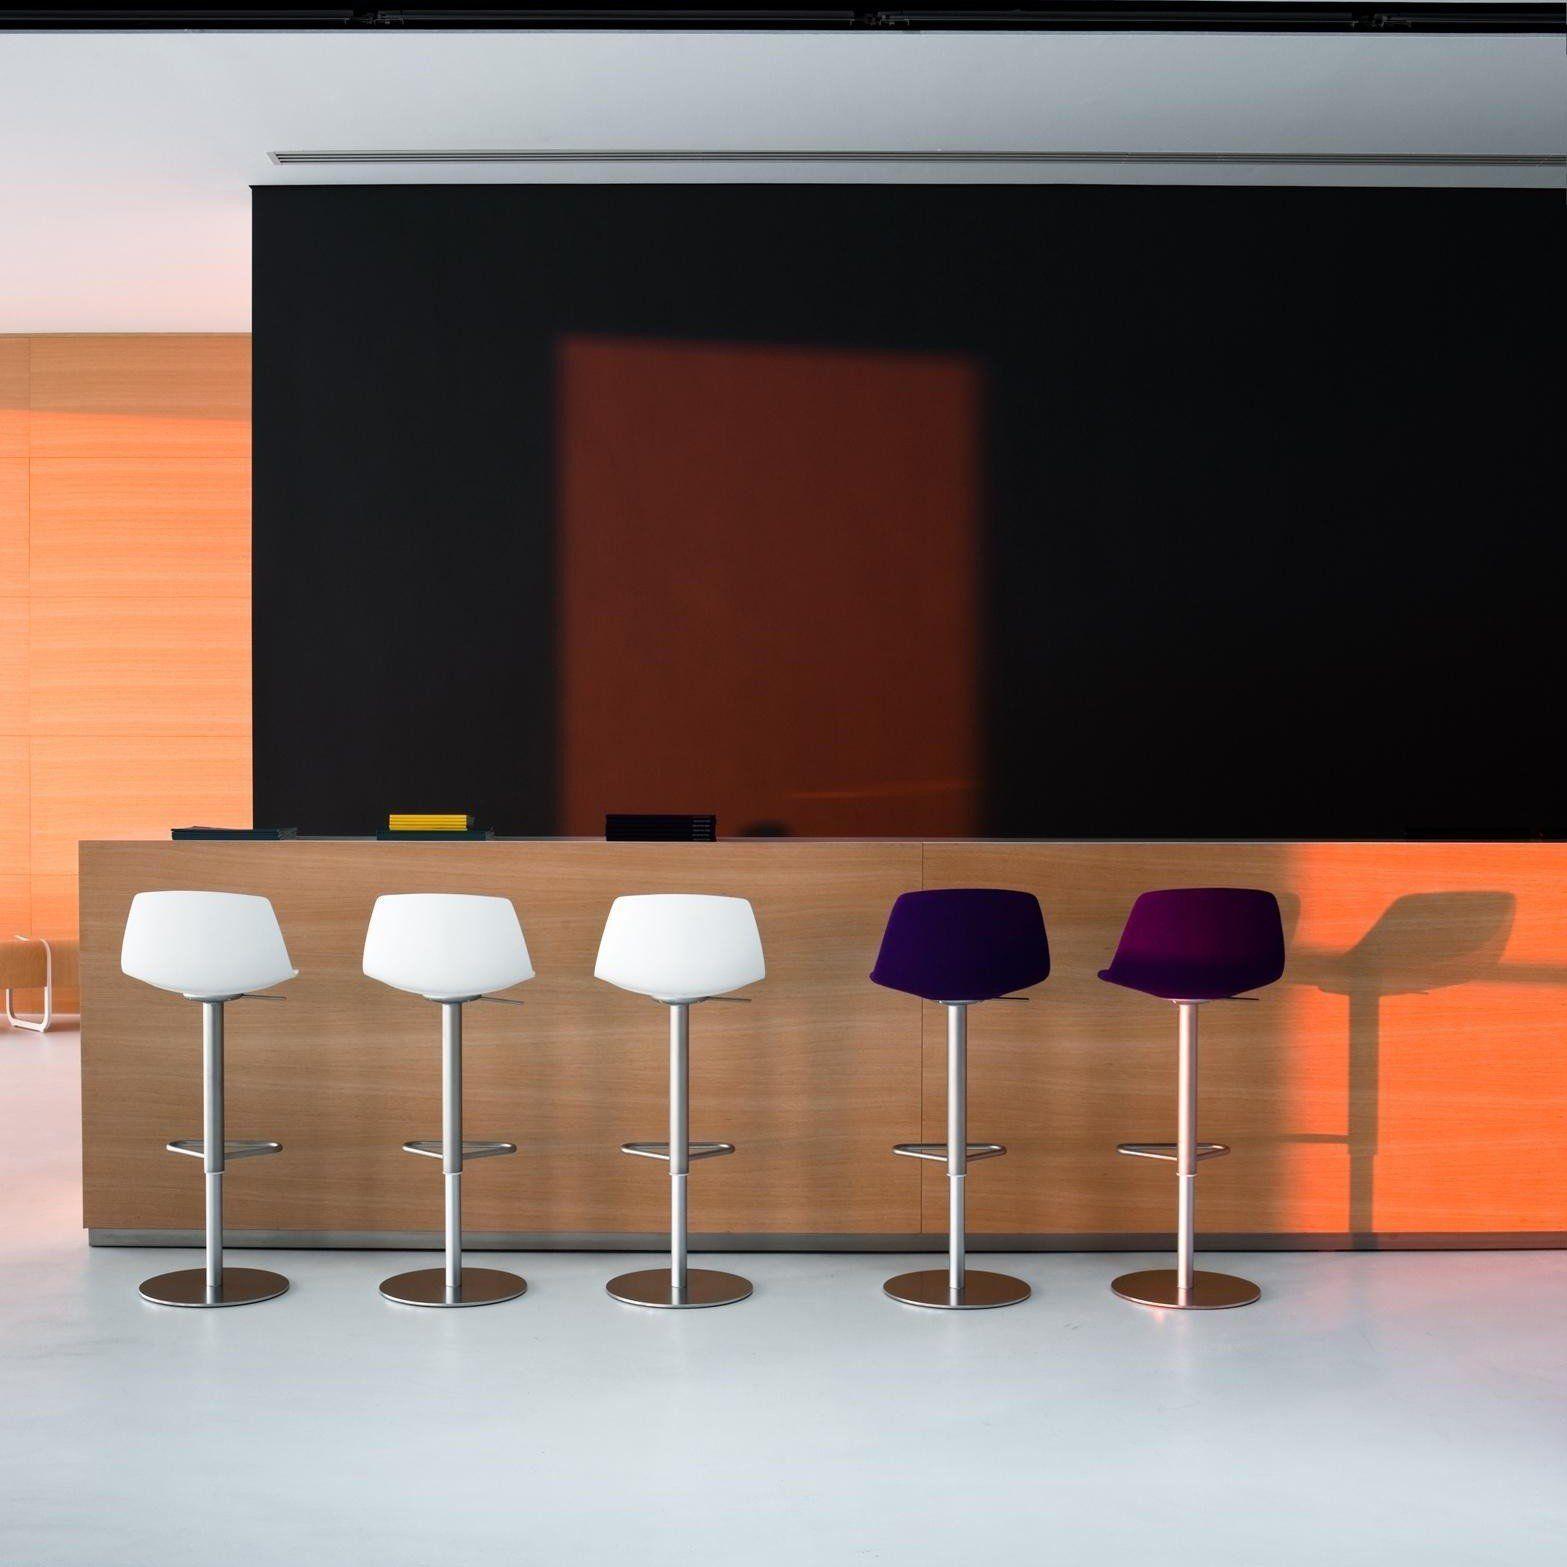 miunn tabouret de bar acier inox rond la palma. Black Bedroom Furniture Sets. Home Design Ideas